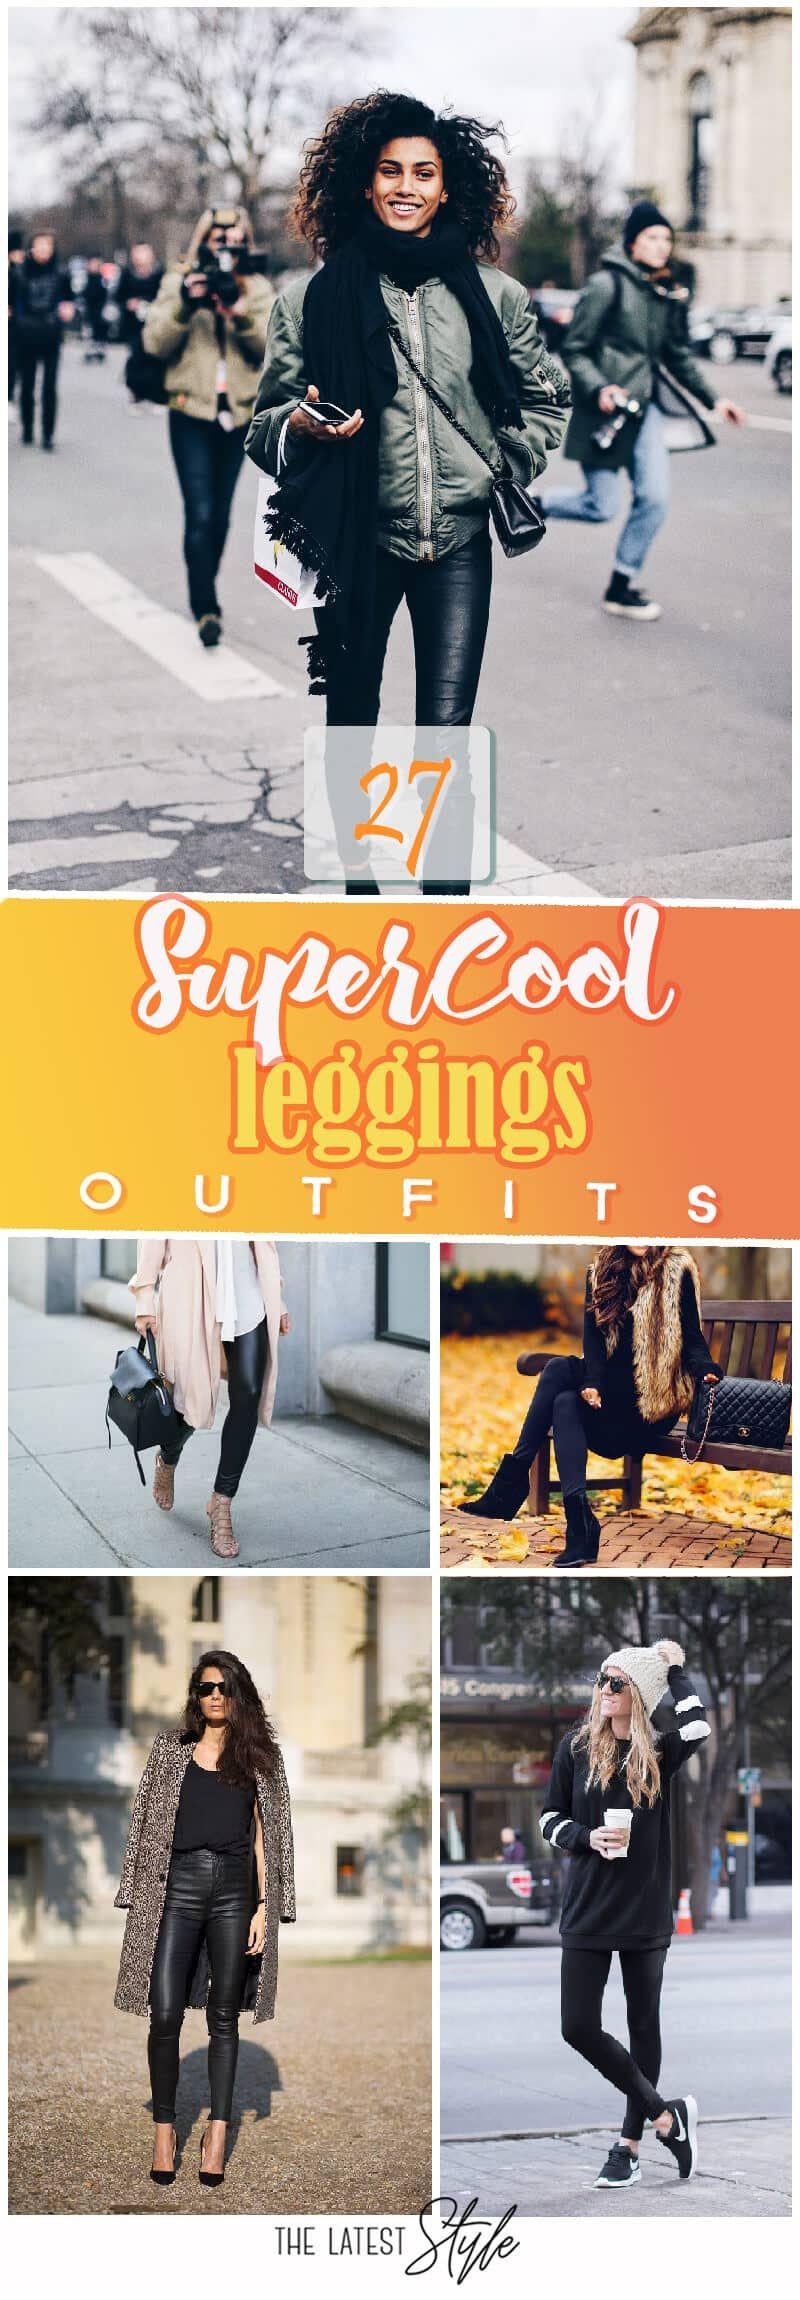 Photo of 27 maneras de mantenerse abrigado con leggins de invierno: todo sobre las mujeres